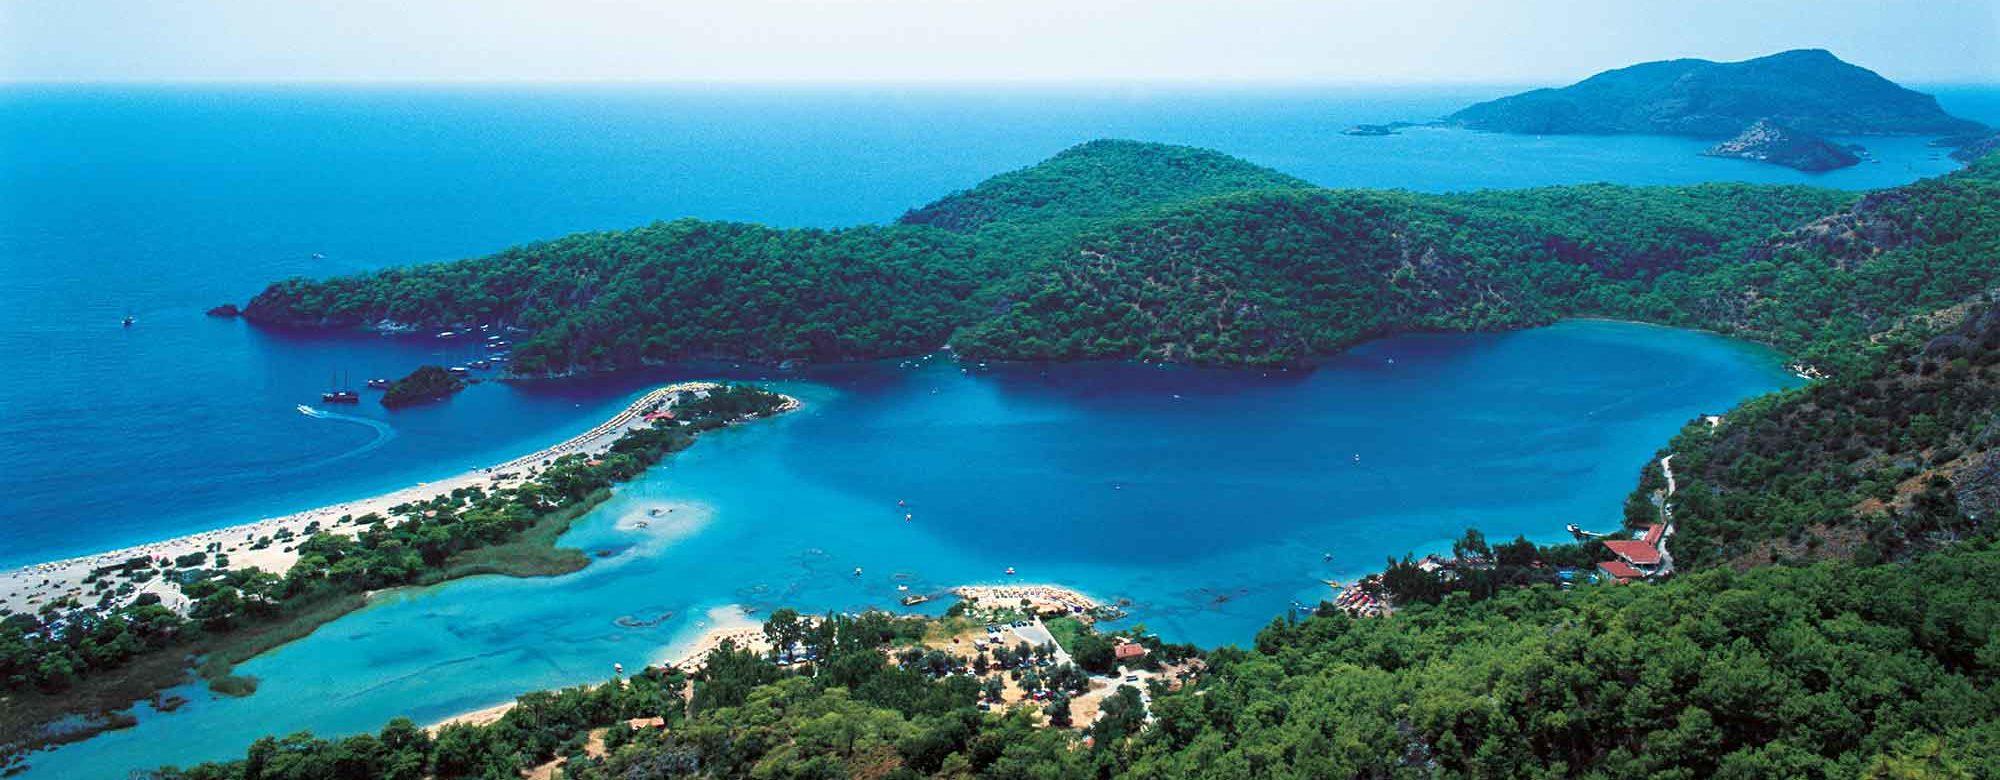 Эгейское море,Турция. Горящие туры и путевки в Турцию, дешевые цены на отдых в Турции